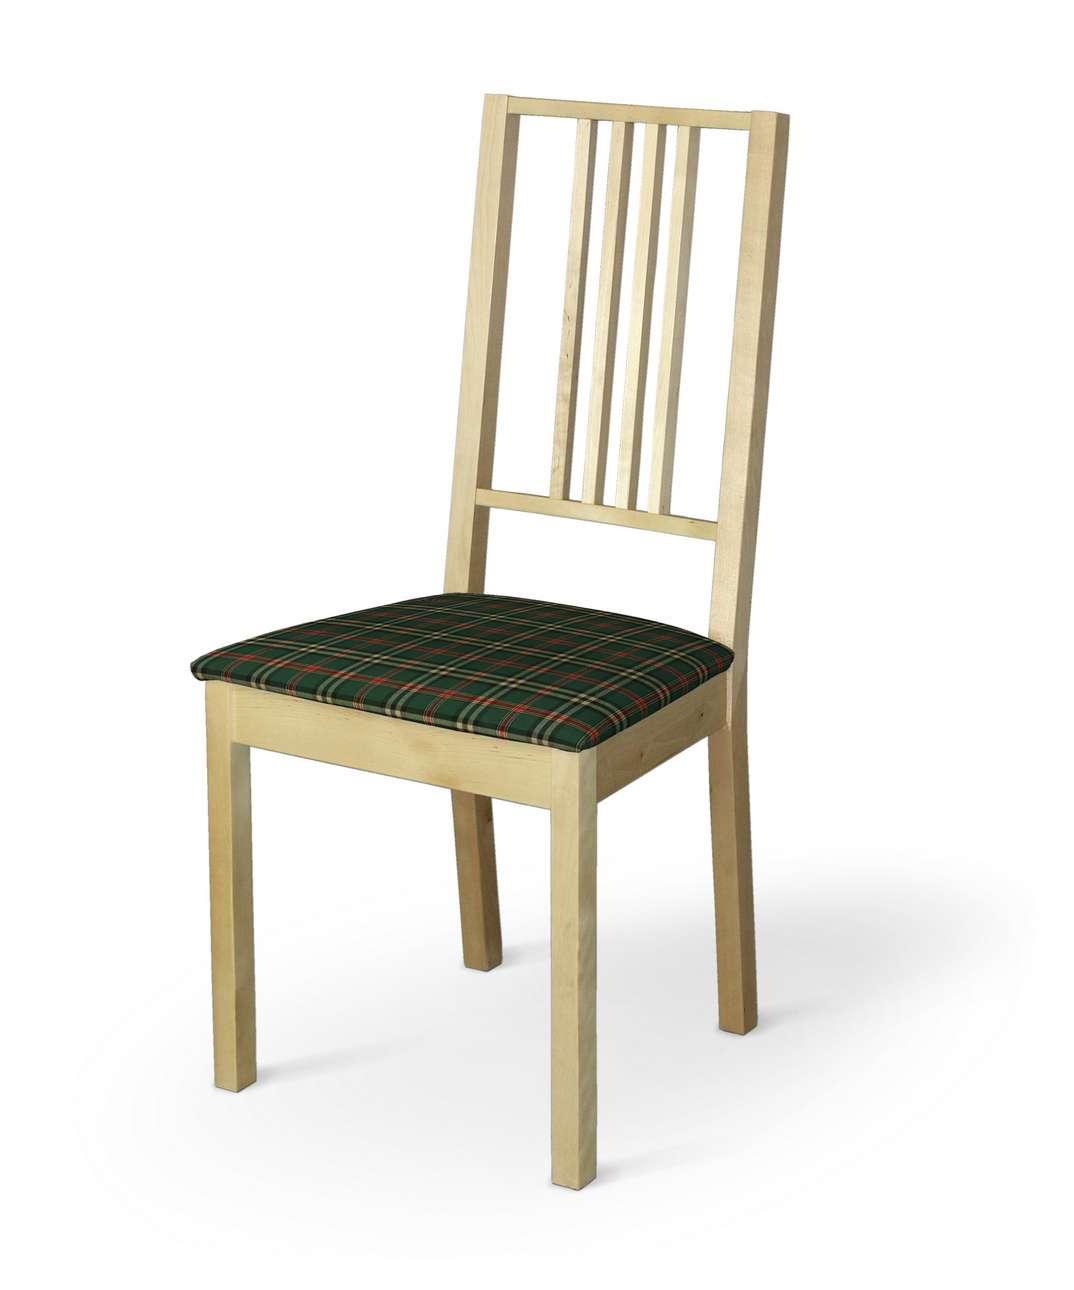 Pokrowiec na siedzisko Börje w kolekcji Bristol, tkanina: 142-69